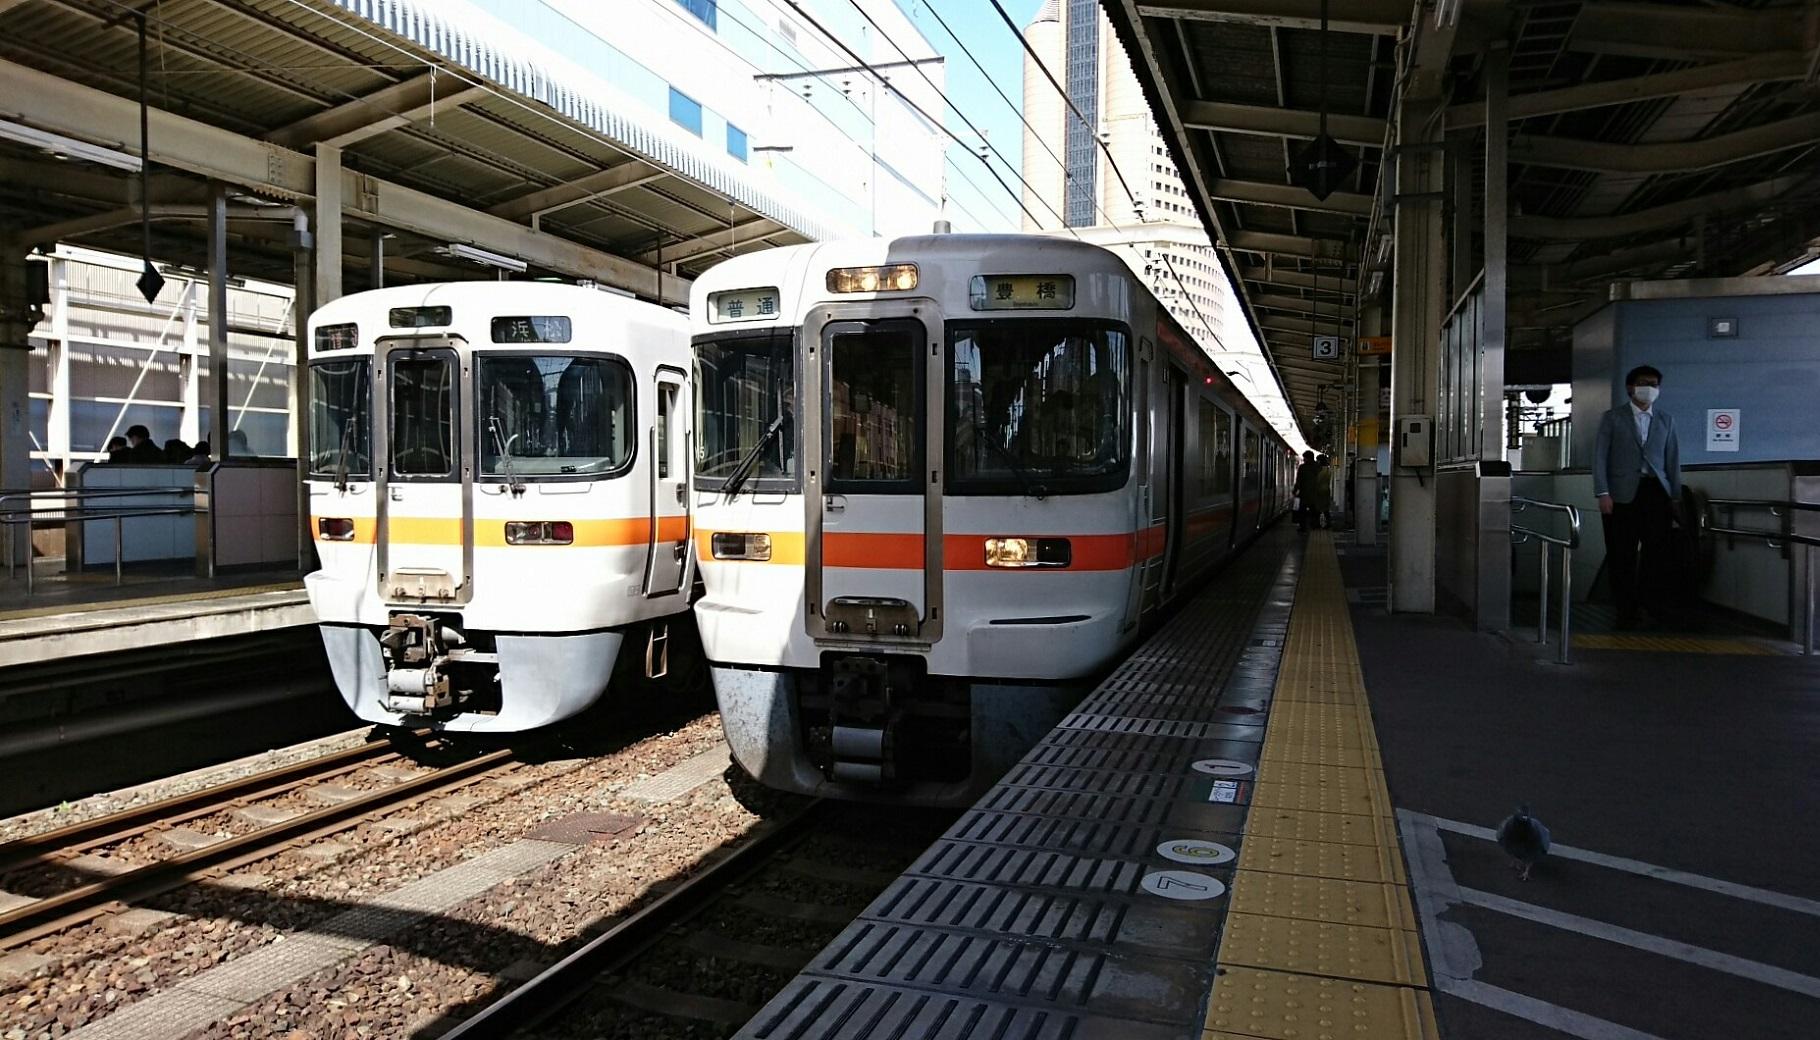 2018.3.23 東海道線 (63) 浜松 - 豊橋いきふつう 1820-1040